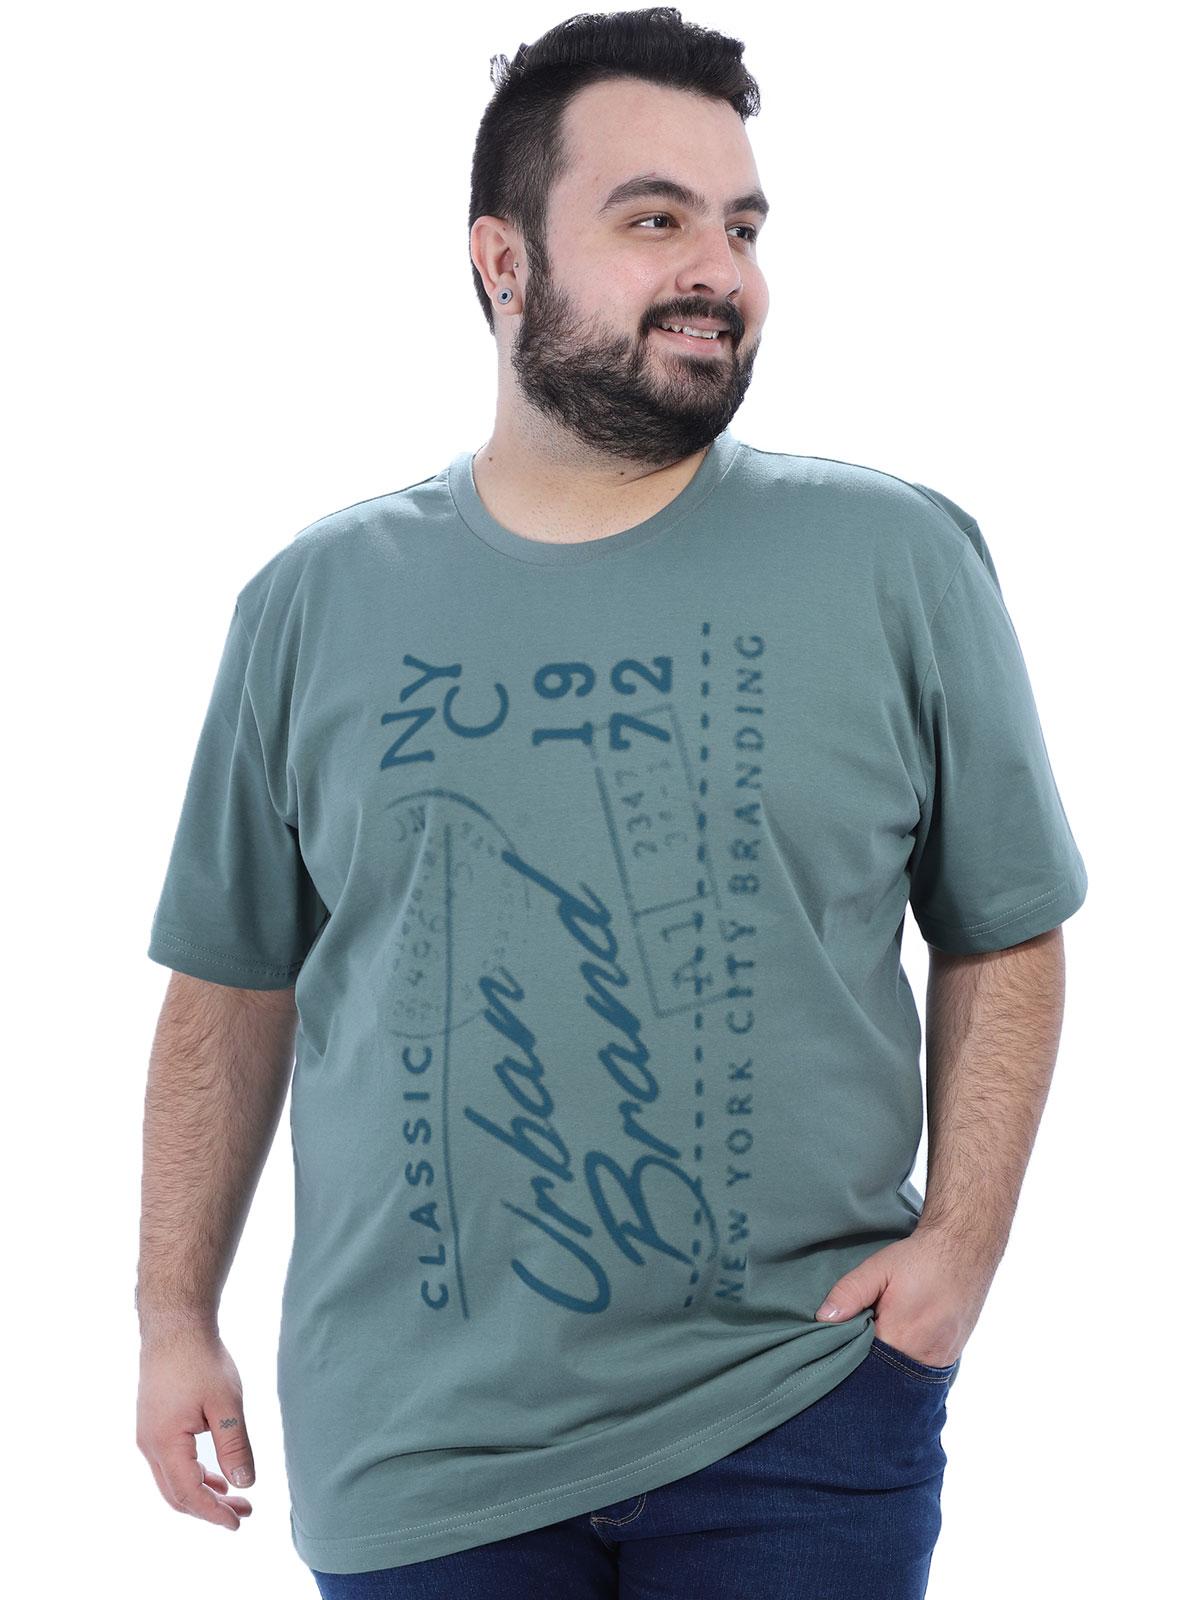 Camiseta Plus Size Masculino Urban Anistia Concreto